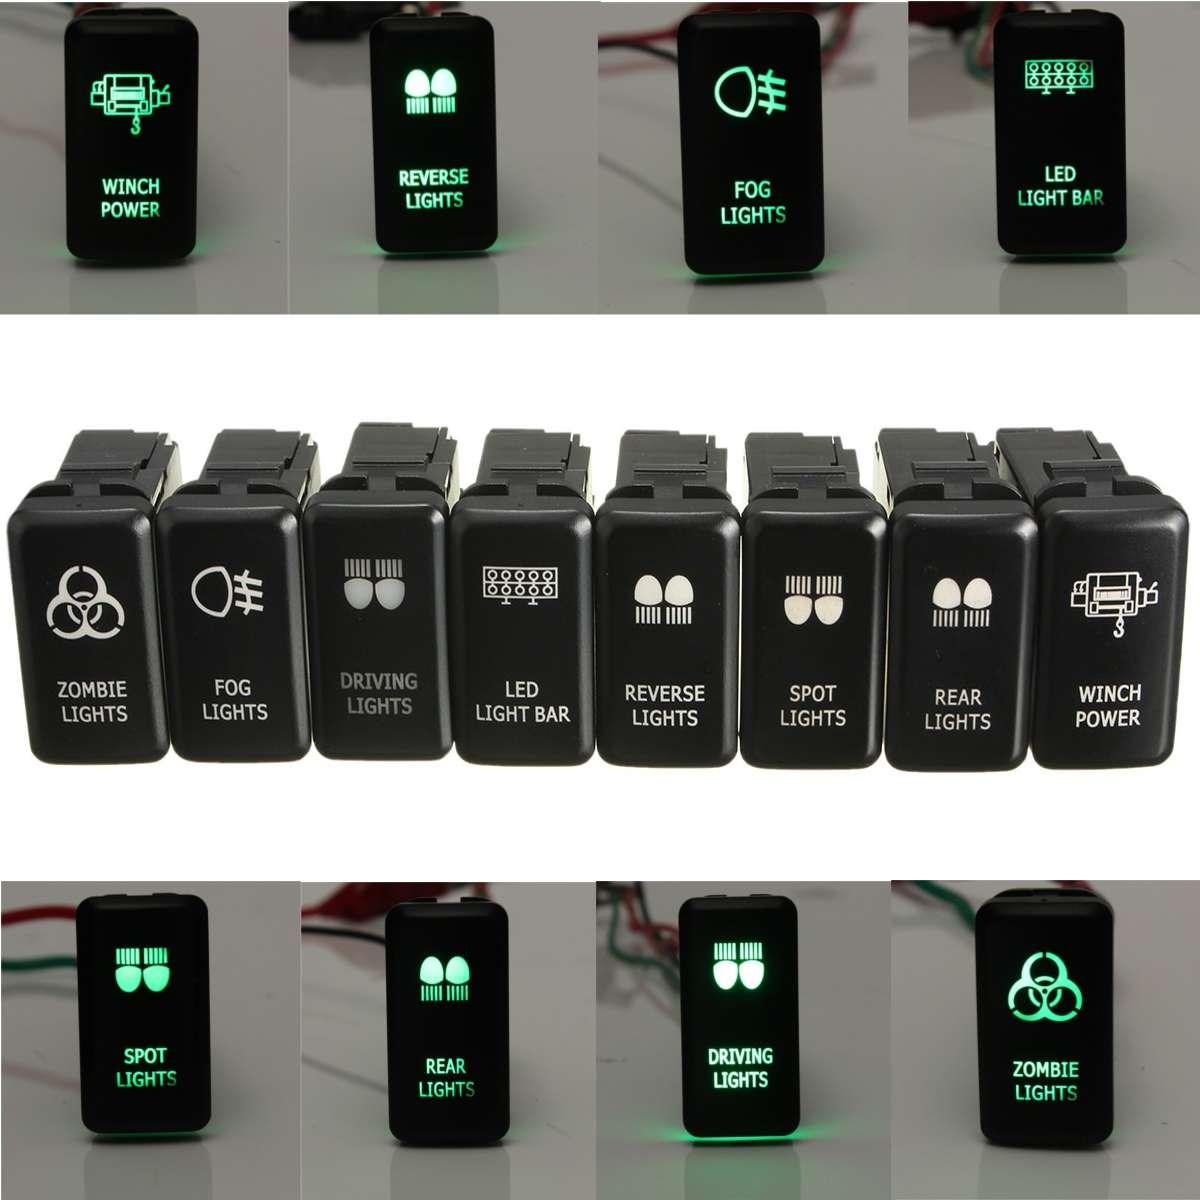 12V зеленый LED OEM сменный кнопочный переключатель для Toyota Landcruiser Hilux Prado 120 SERIES 2003-2009 Led свет бар дальнего света